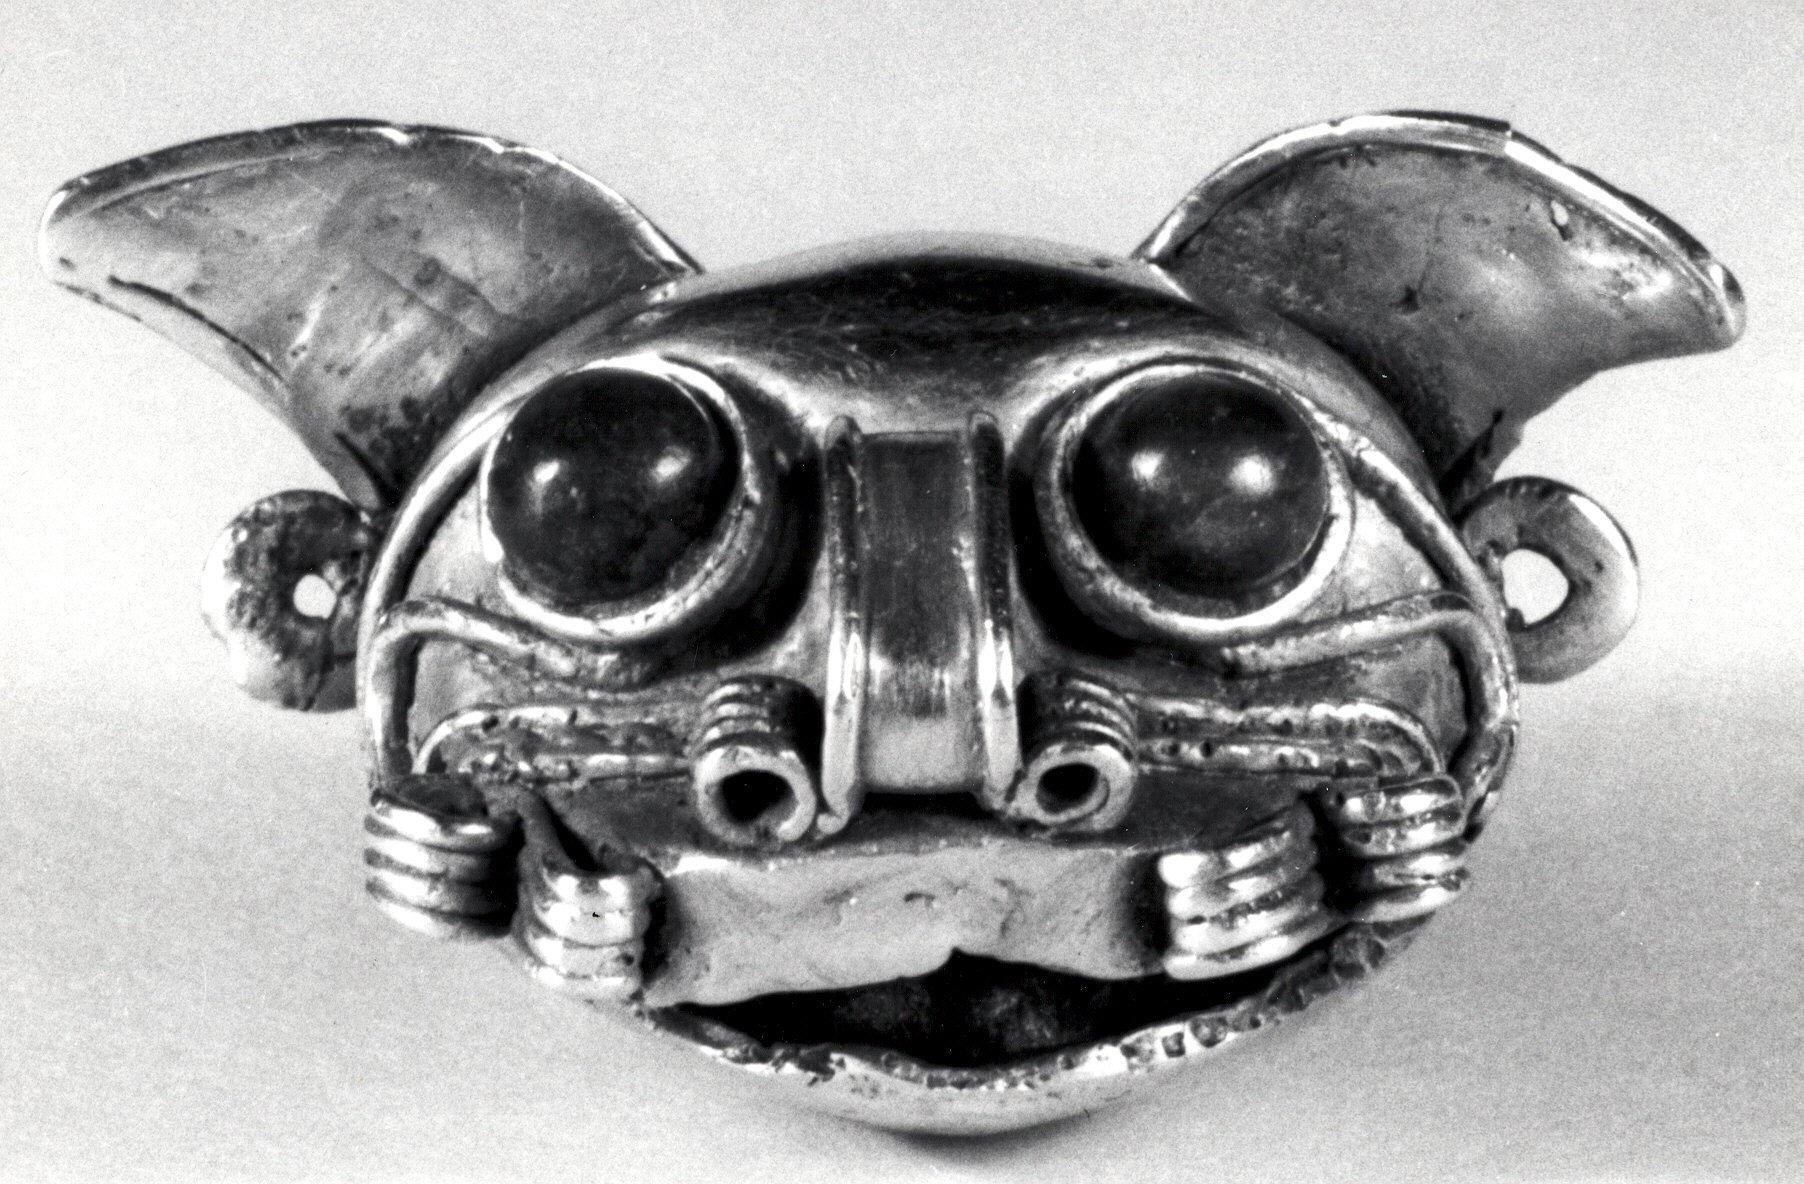 Feline-head pendant.